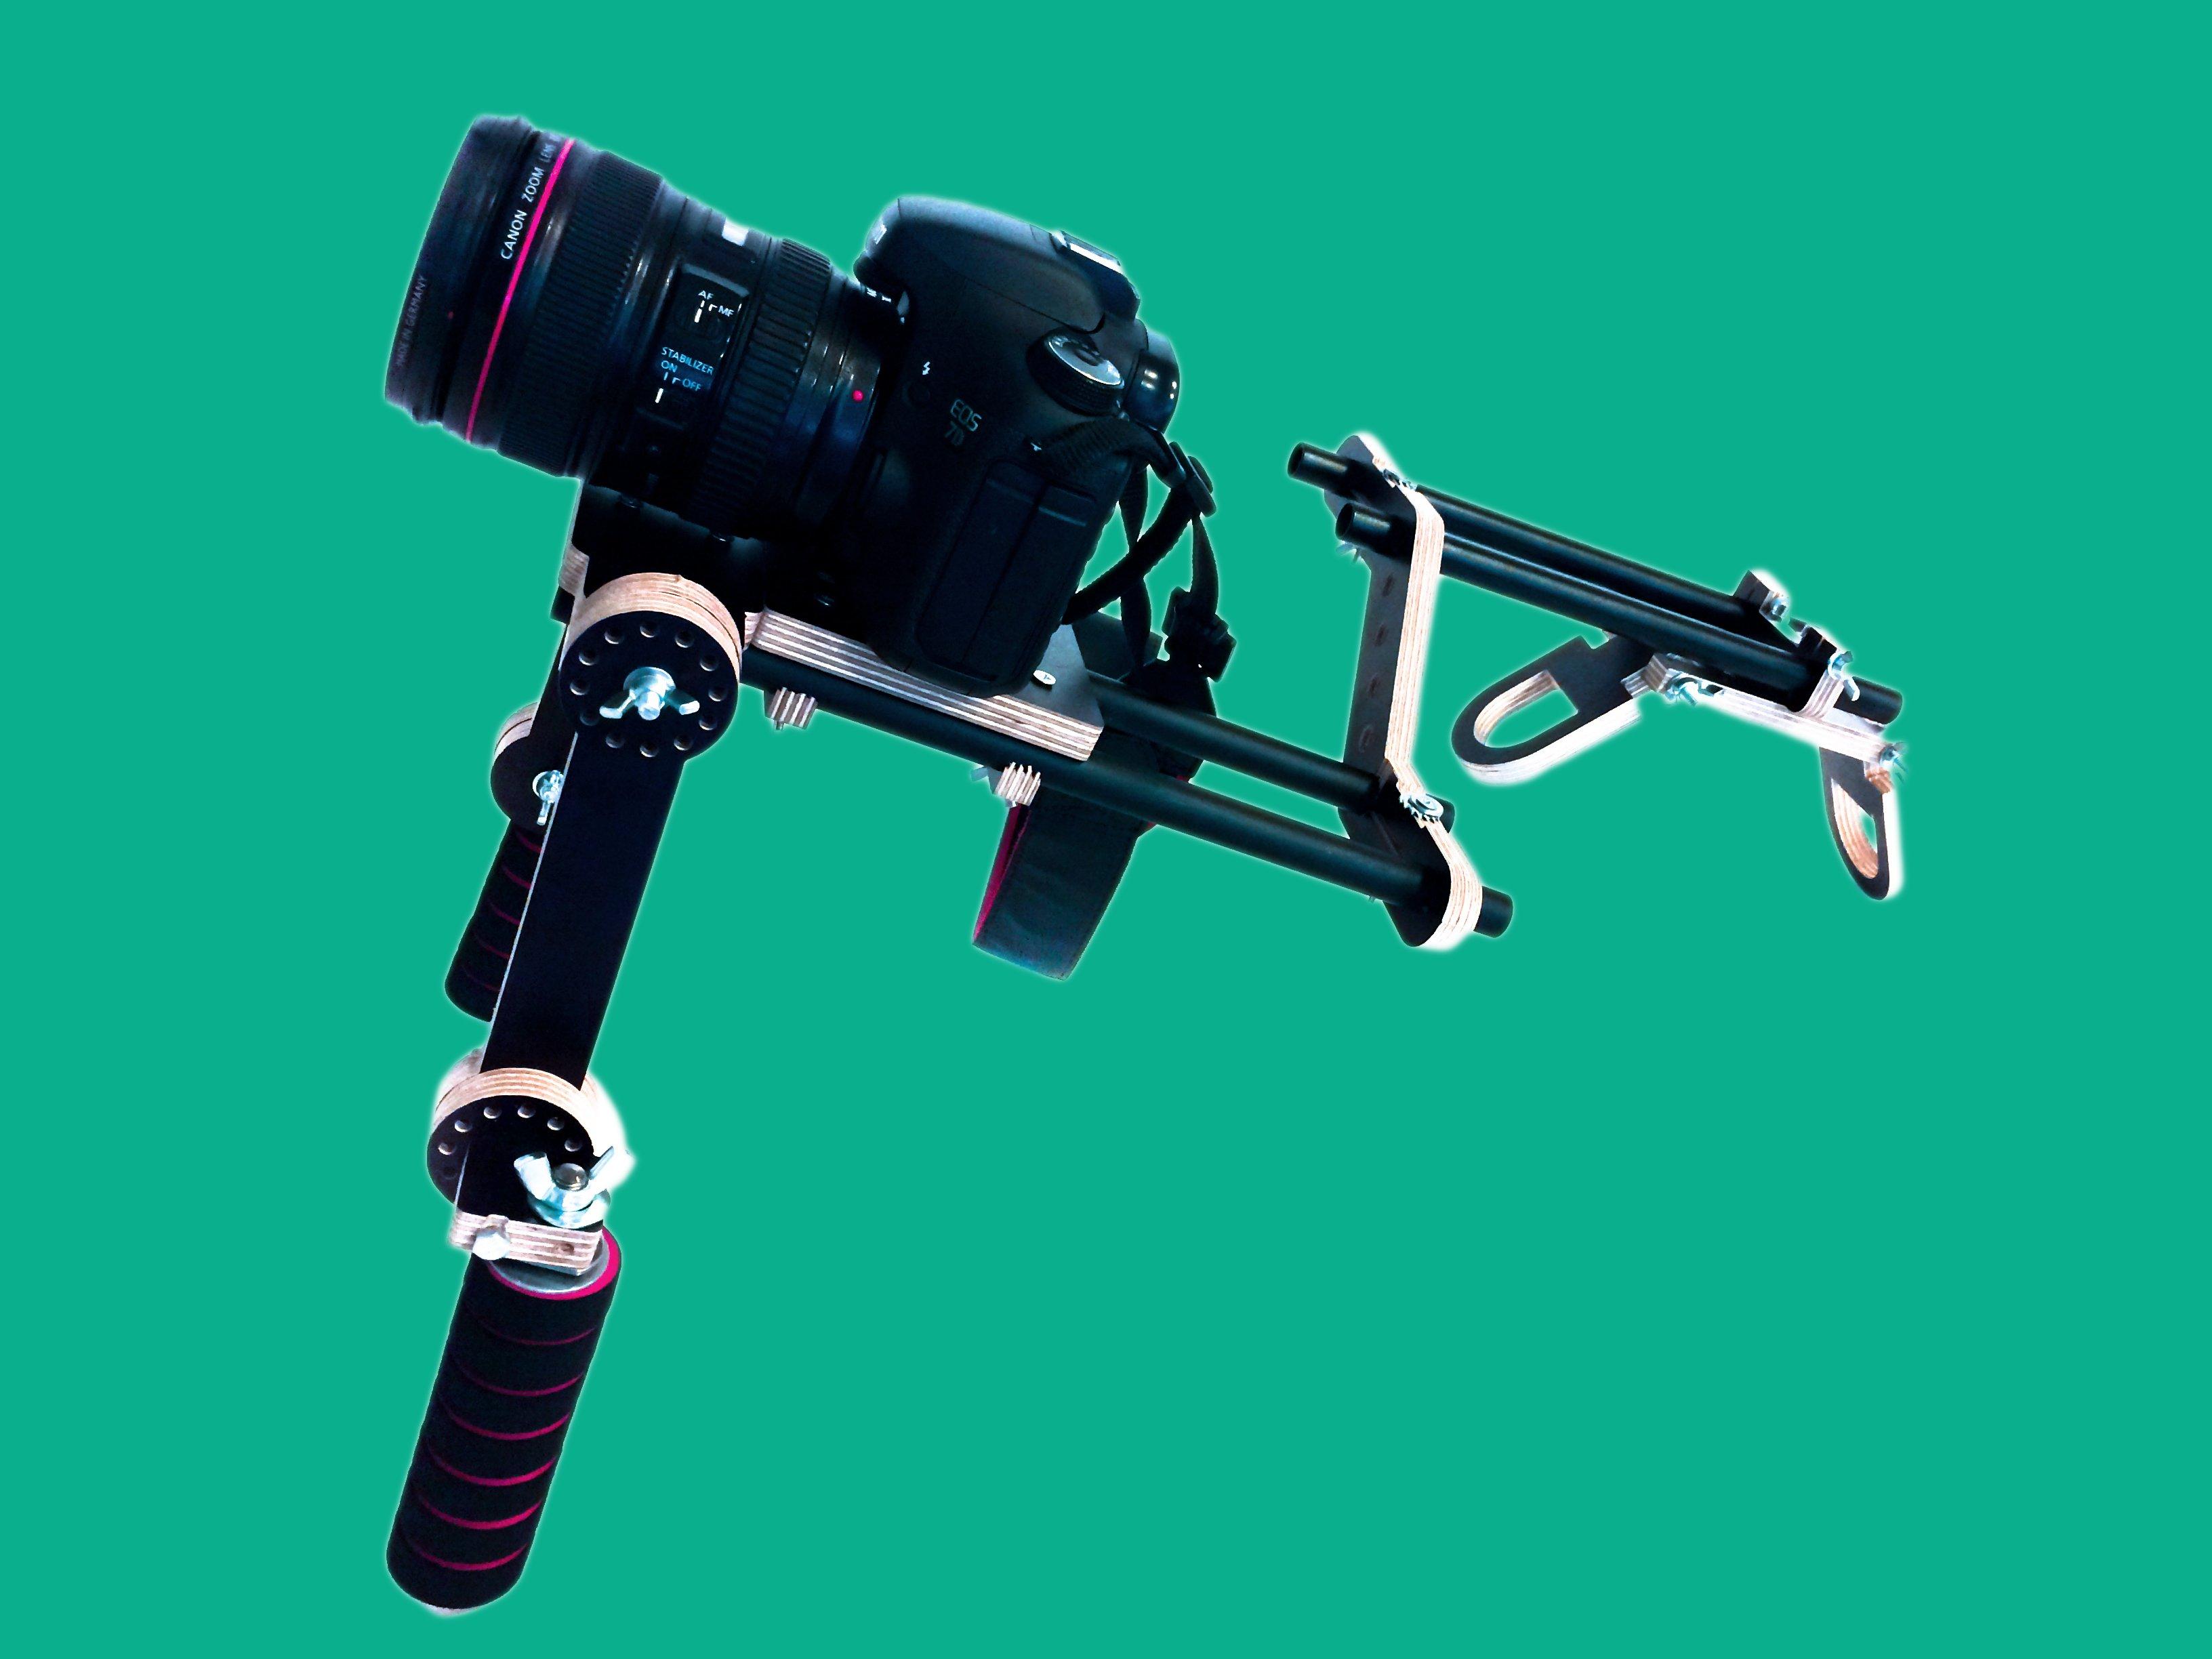 Camera Diy Dslr Camera Rig diy dslr camera rig cnc milled creactiveit